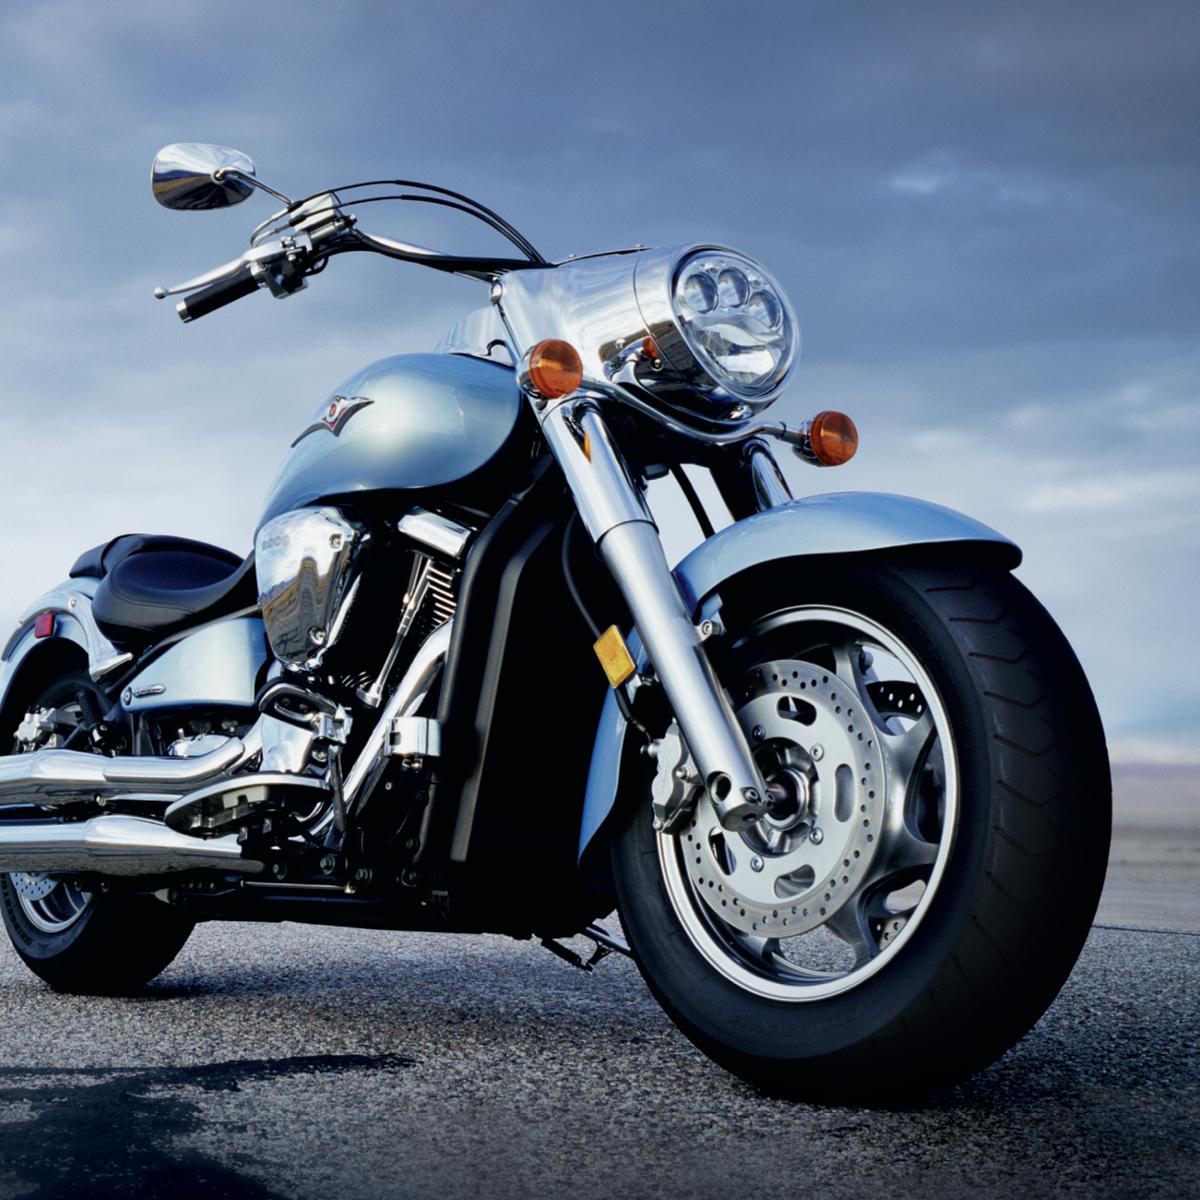 Kawasaki Motorcycles - Falls Agency